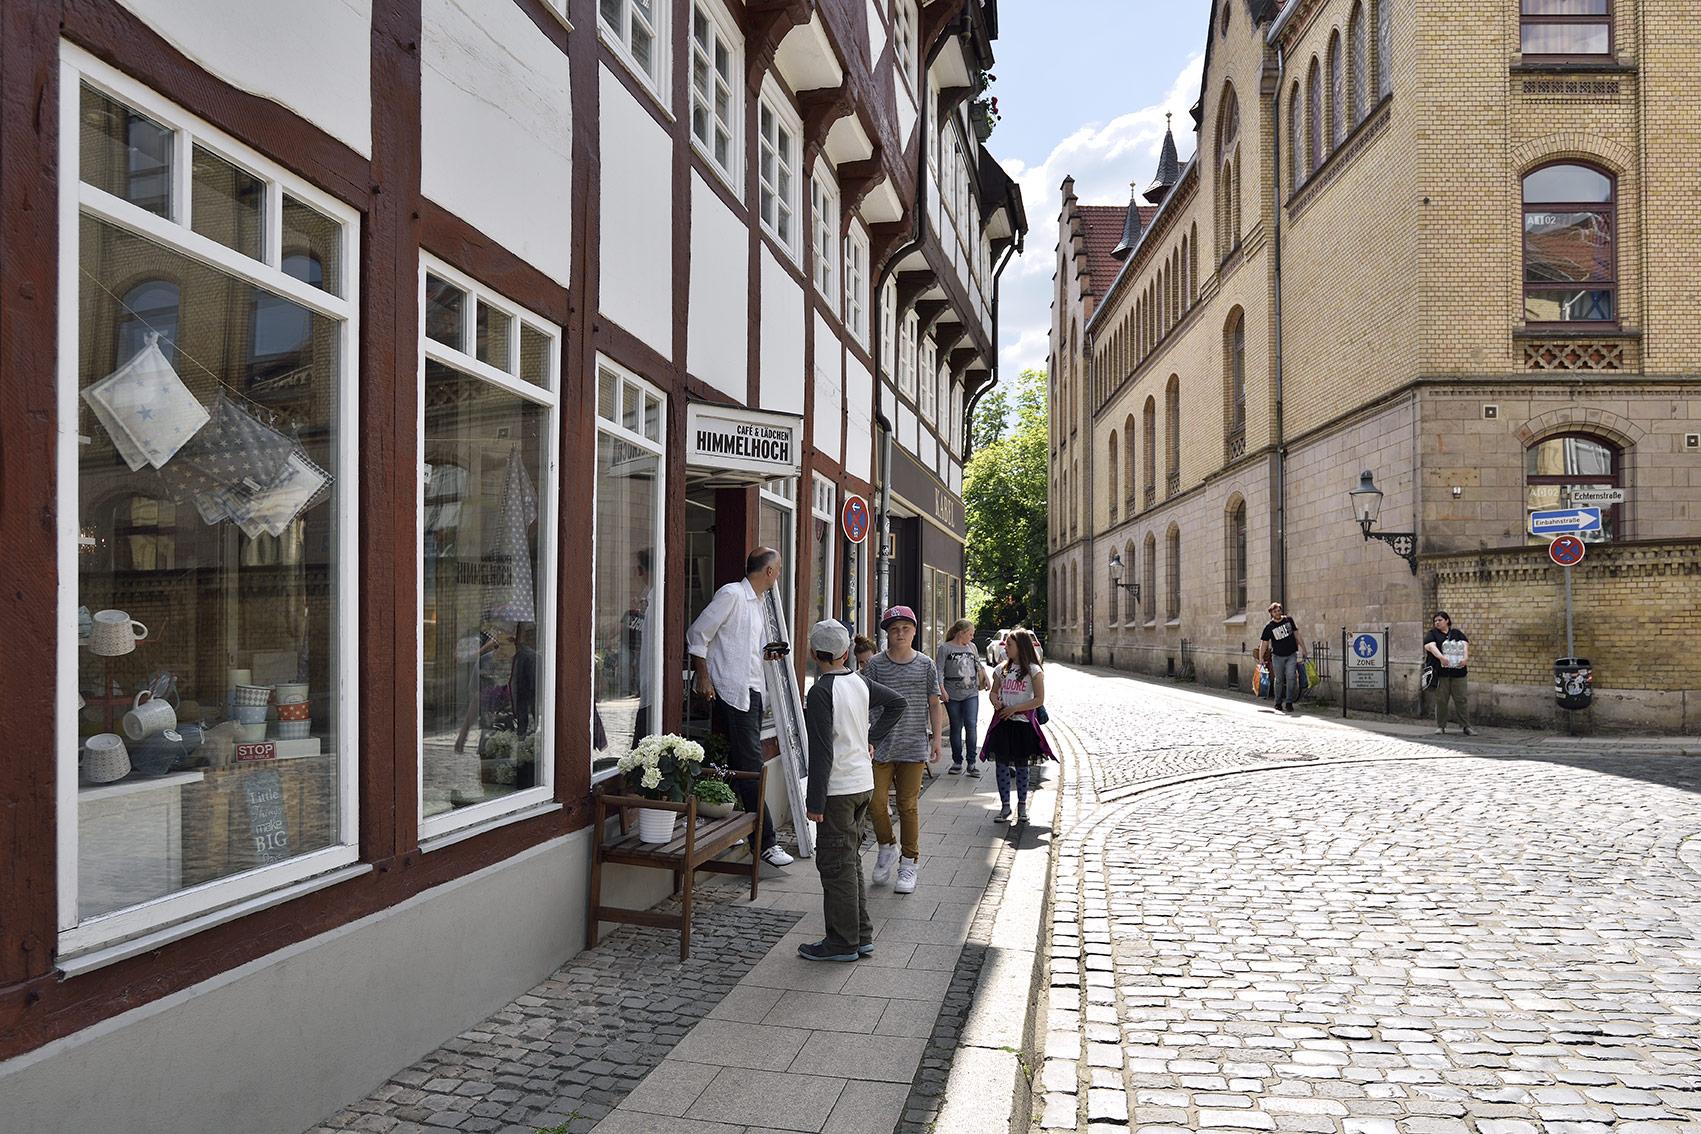 Das Café und Lädchen Himmelhoch befindet sich im alten Fachwerkhaus in der Prinzenstraße. Foto: BSM/Daniel Möller